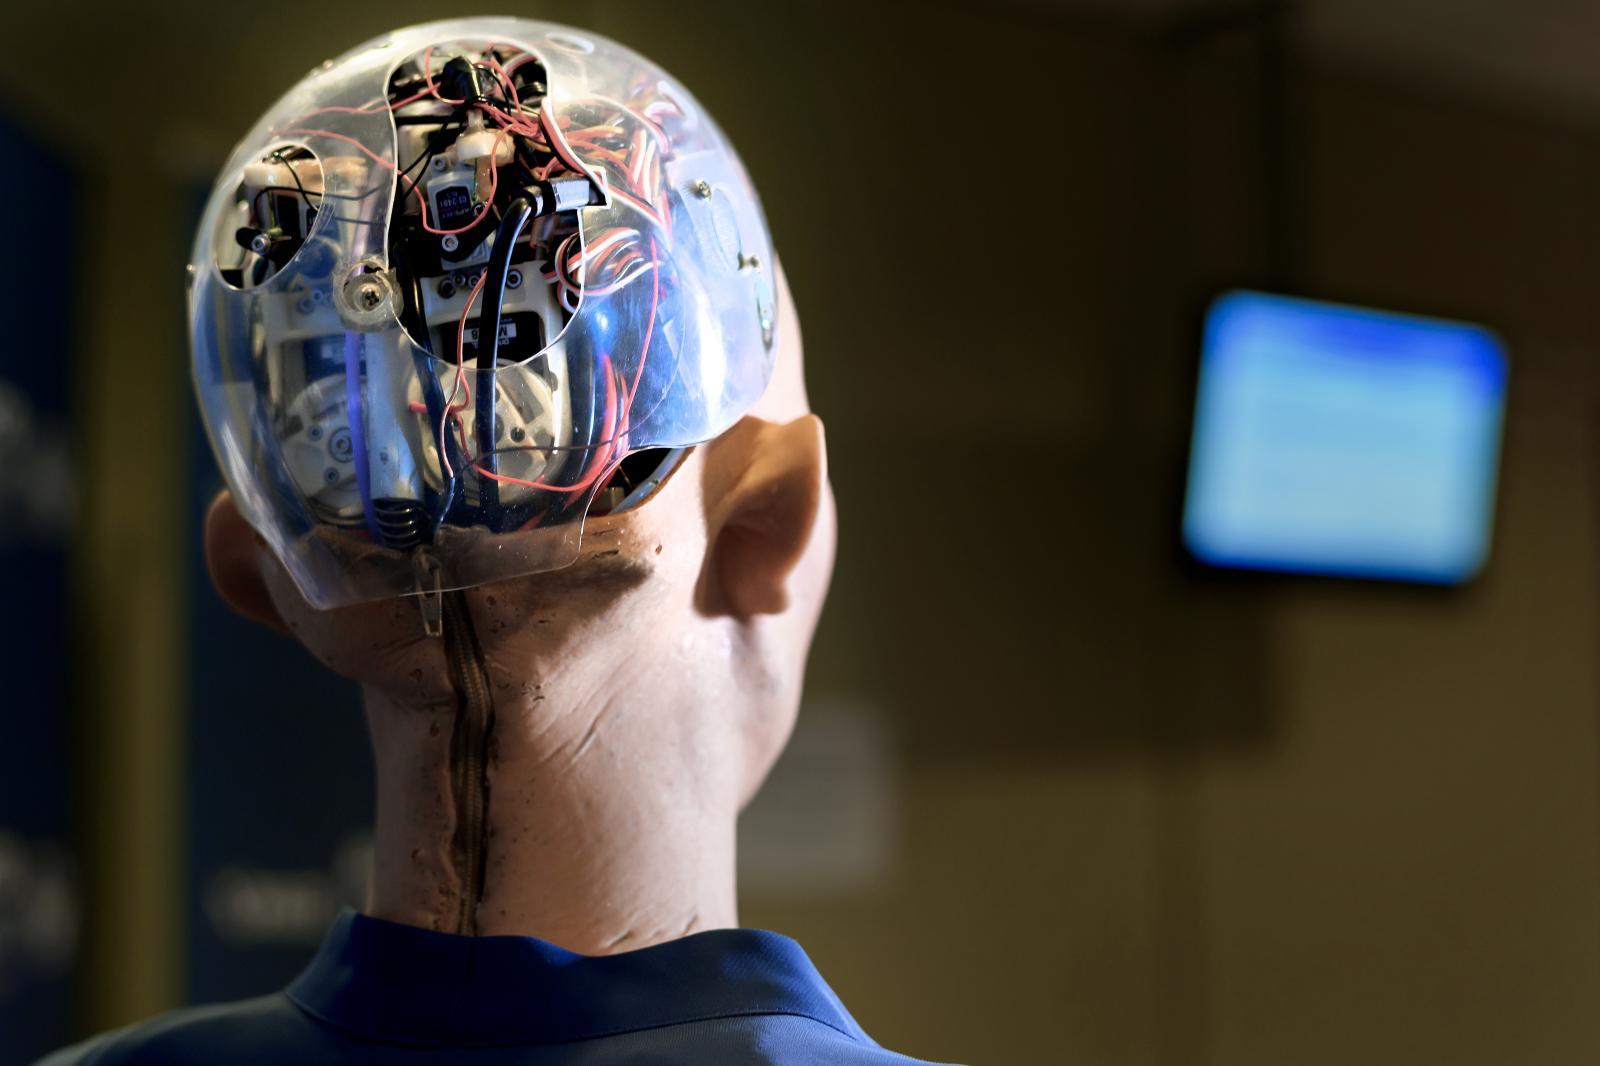 ซาอุฯ มอบสถานะพลเมืองให้ 'หุ่นยนต์' ประเทศแรกของโลก